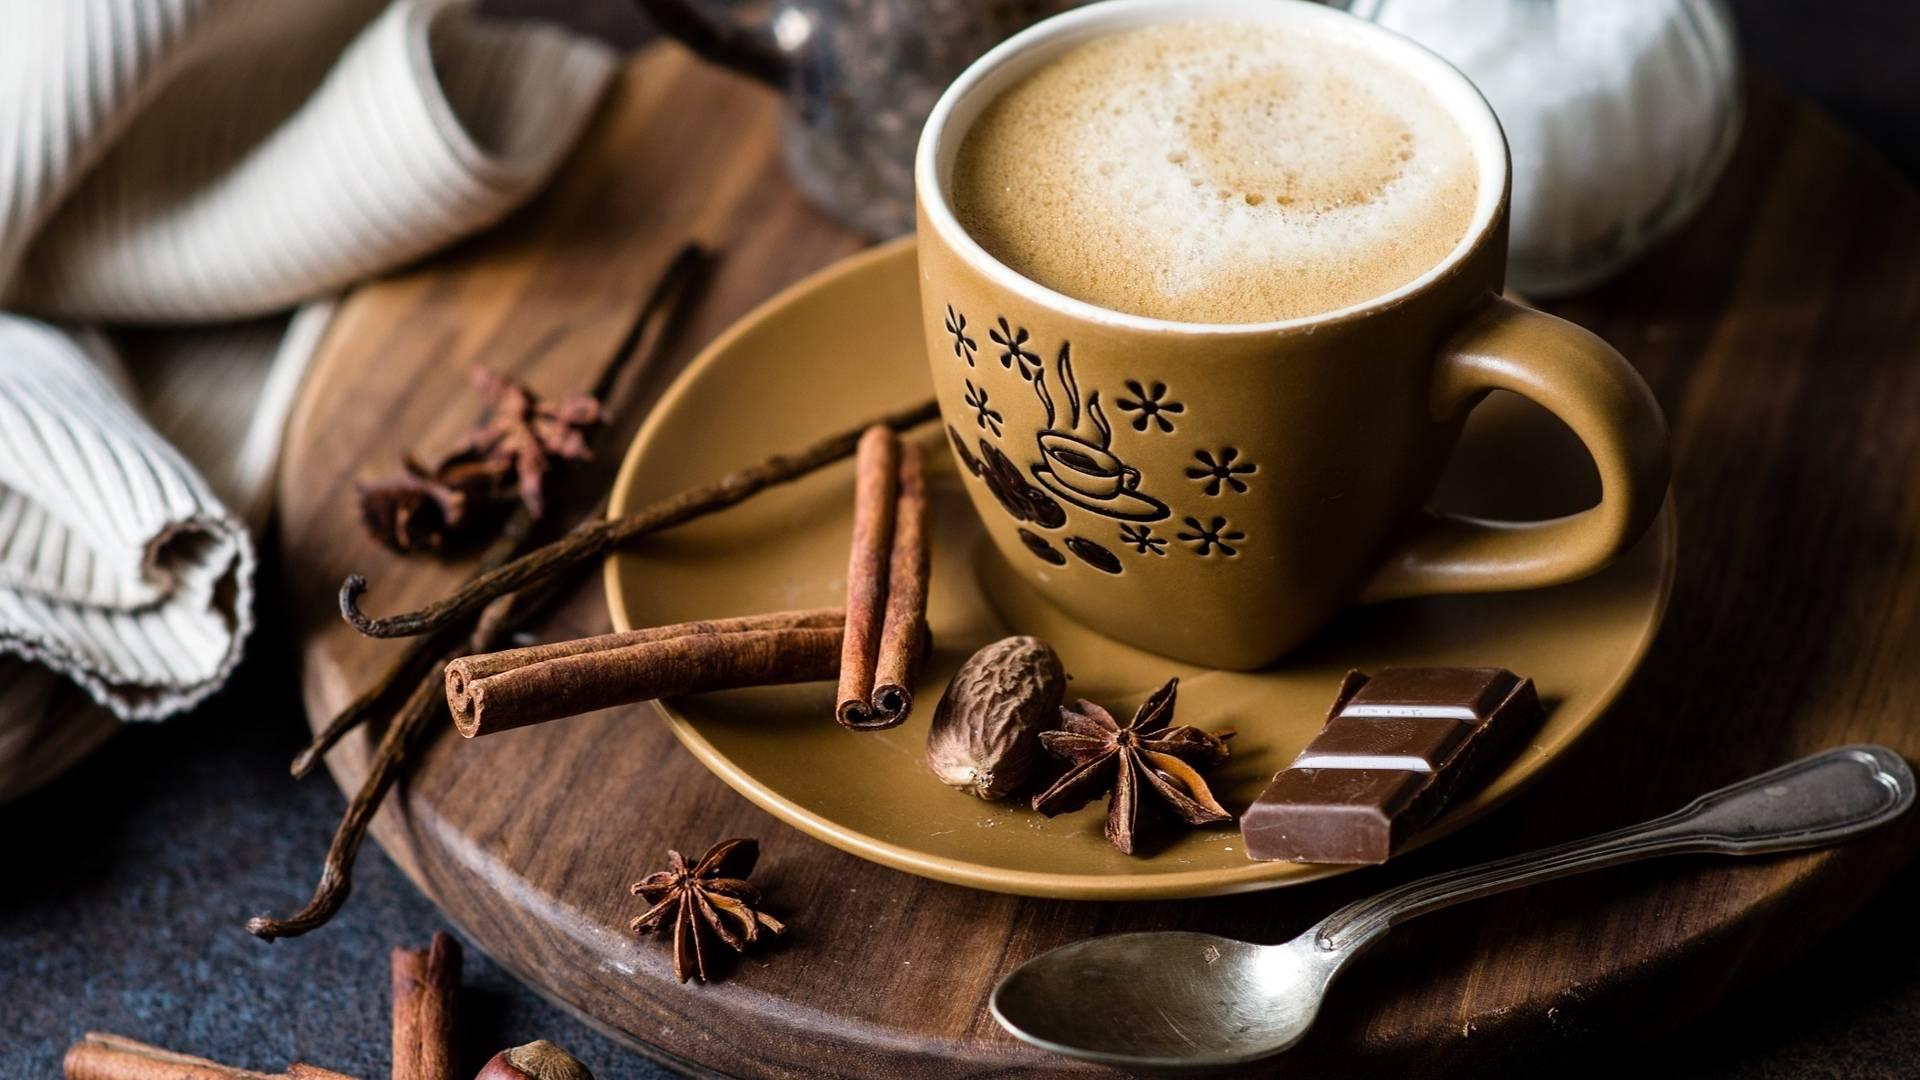 Рецепты кофе с ванилью, или секрет насыщенного аромата